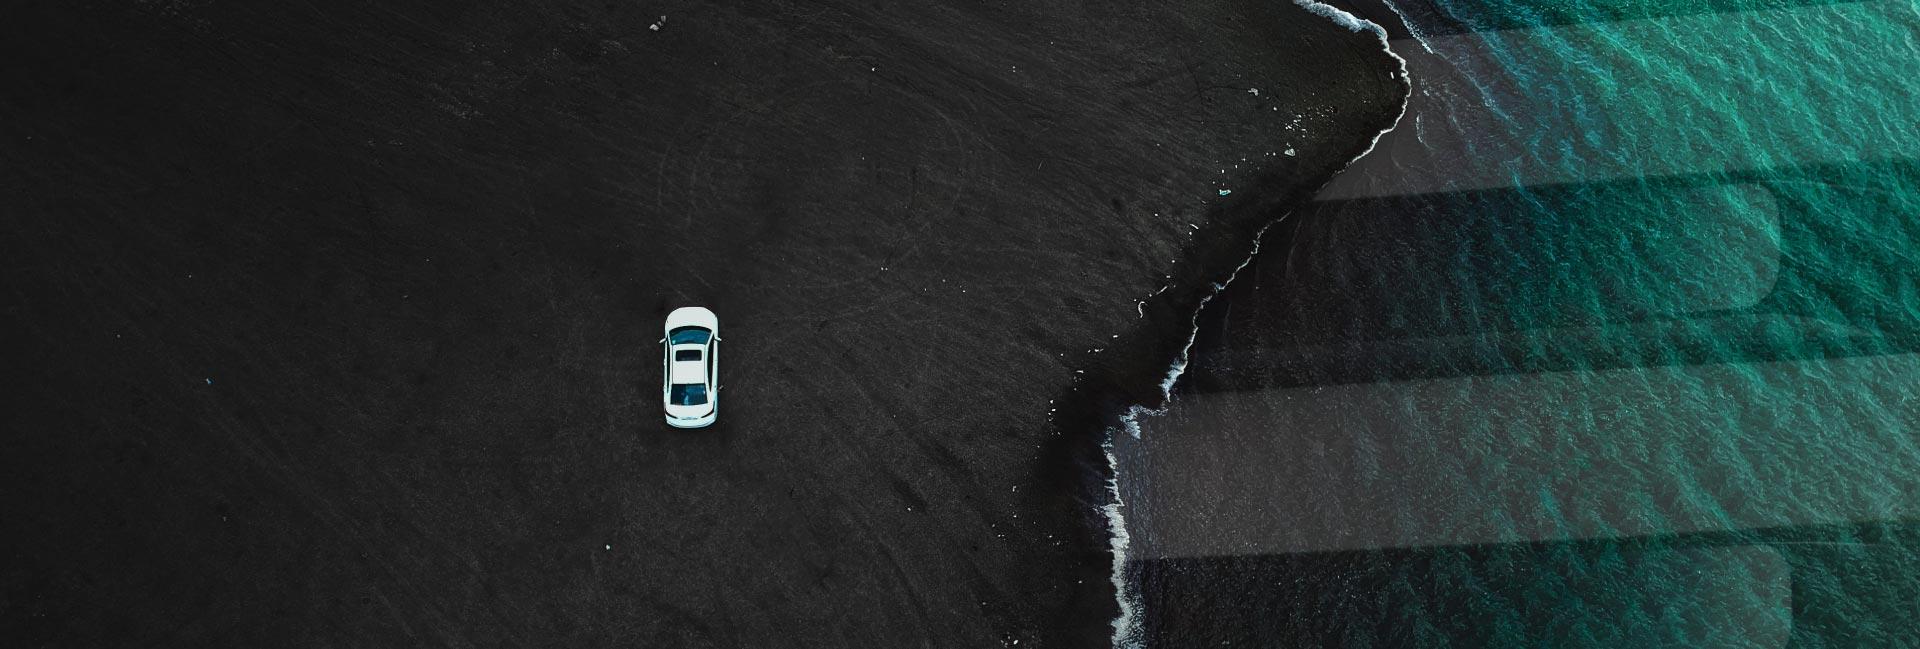 ביטוח-רכב